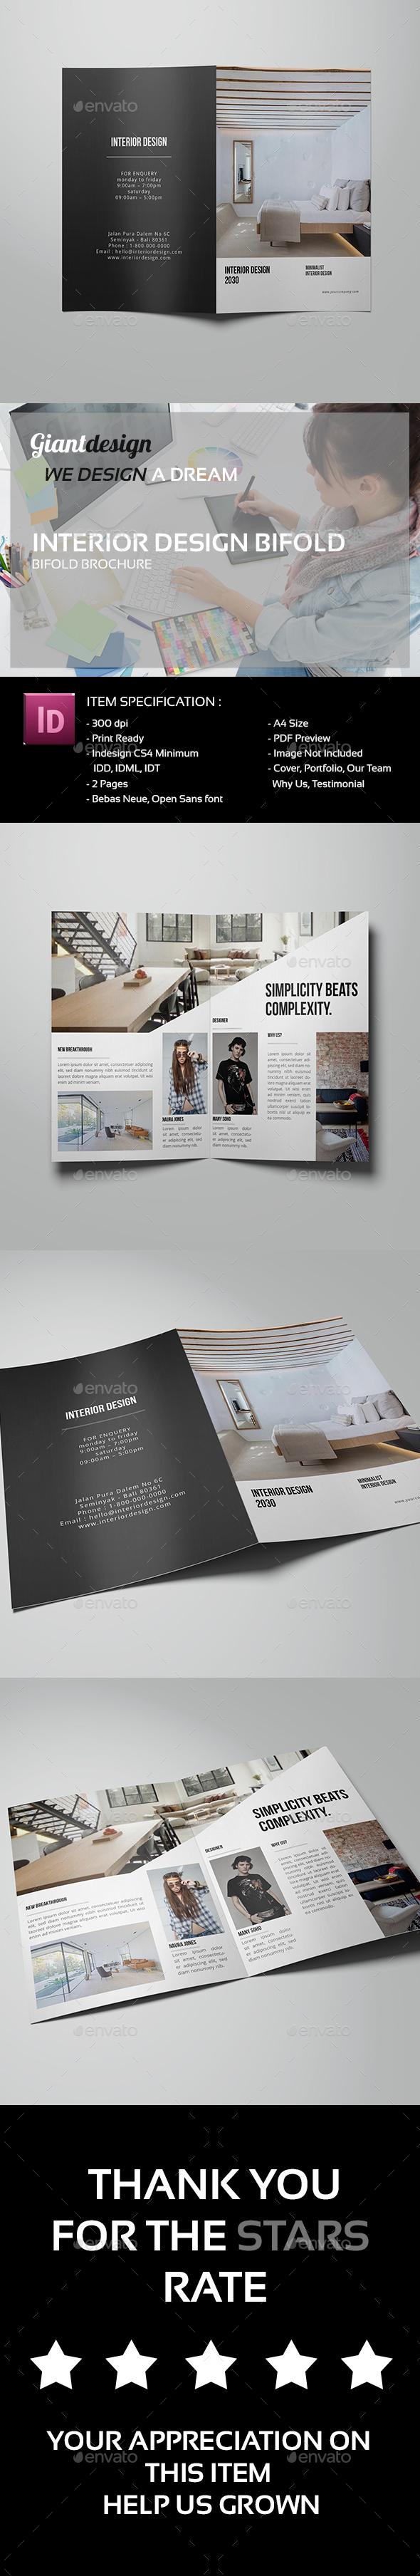 Interior Design Bifold Brochure - Corporate Brochures